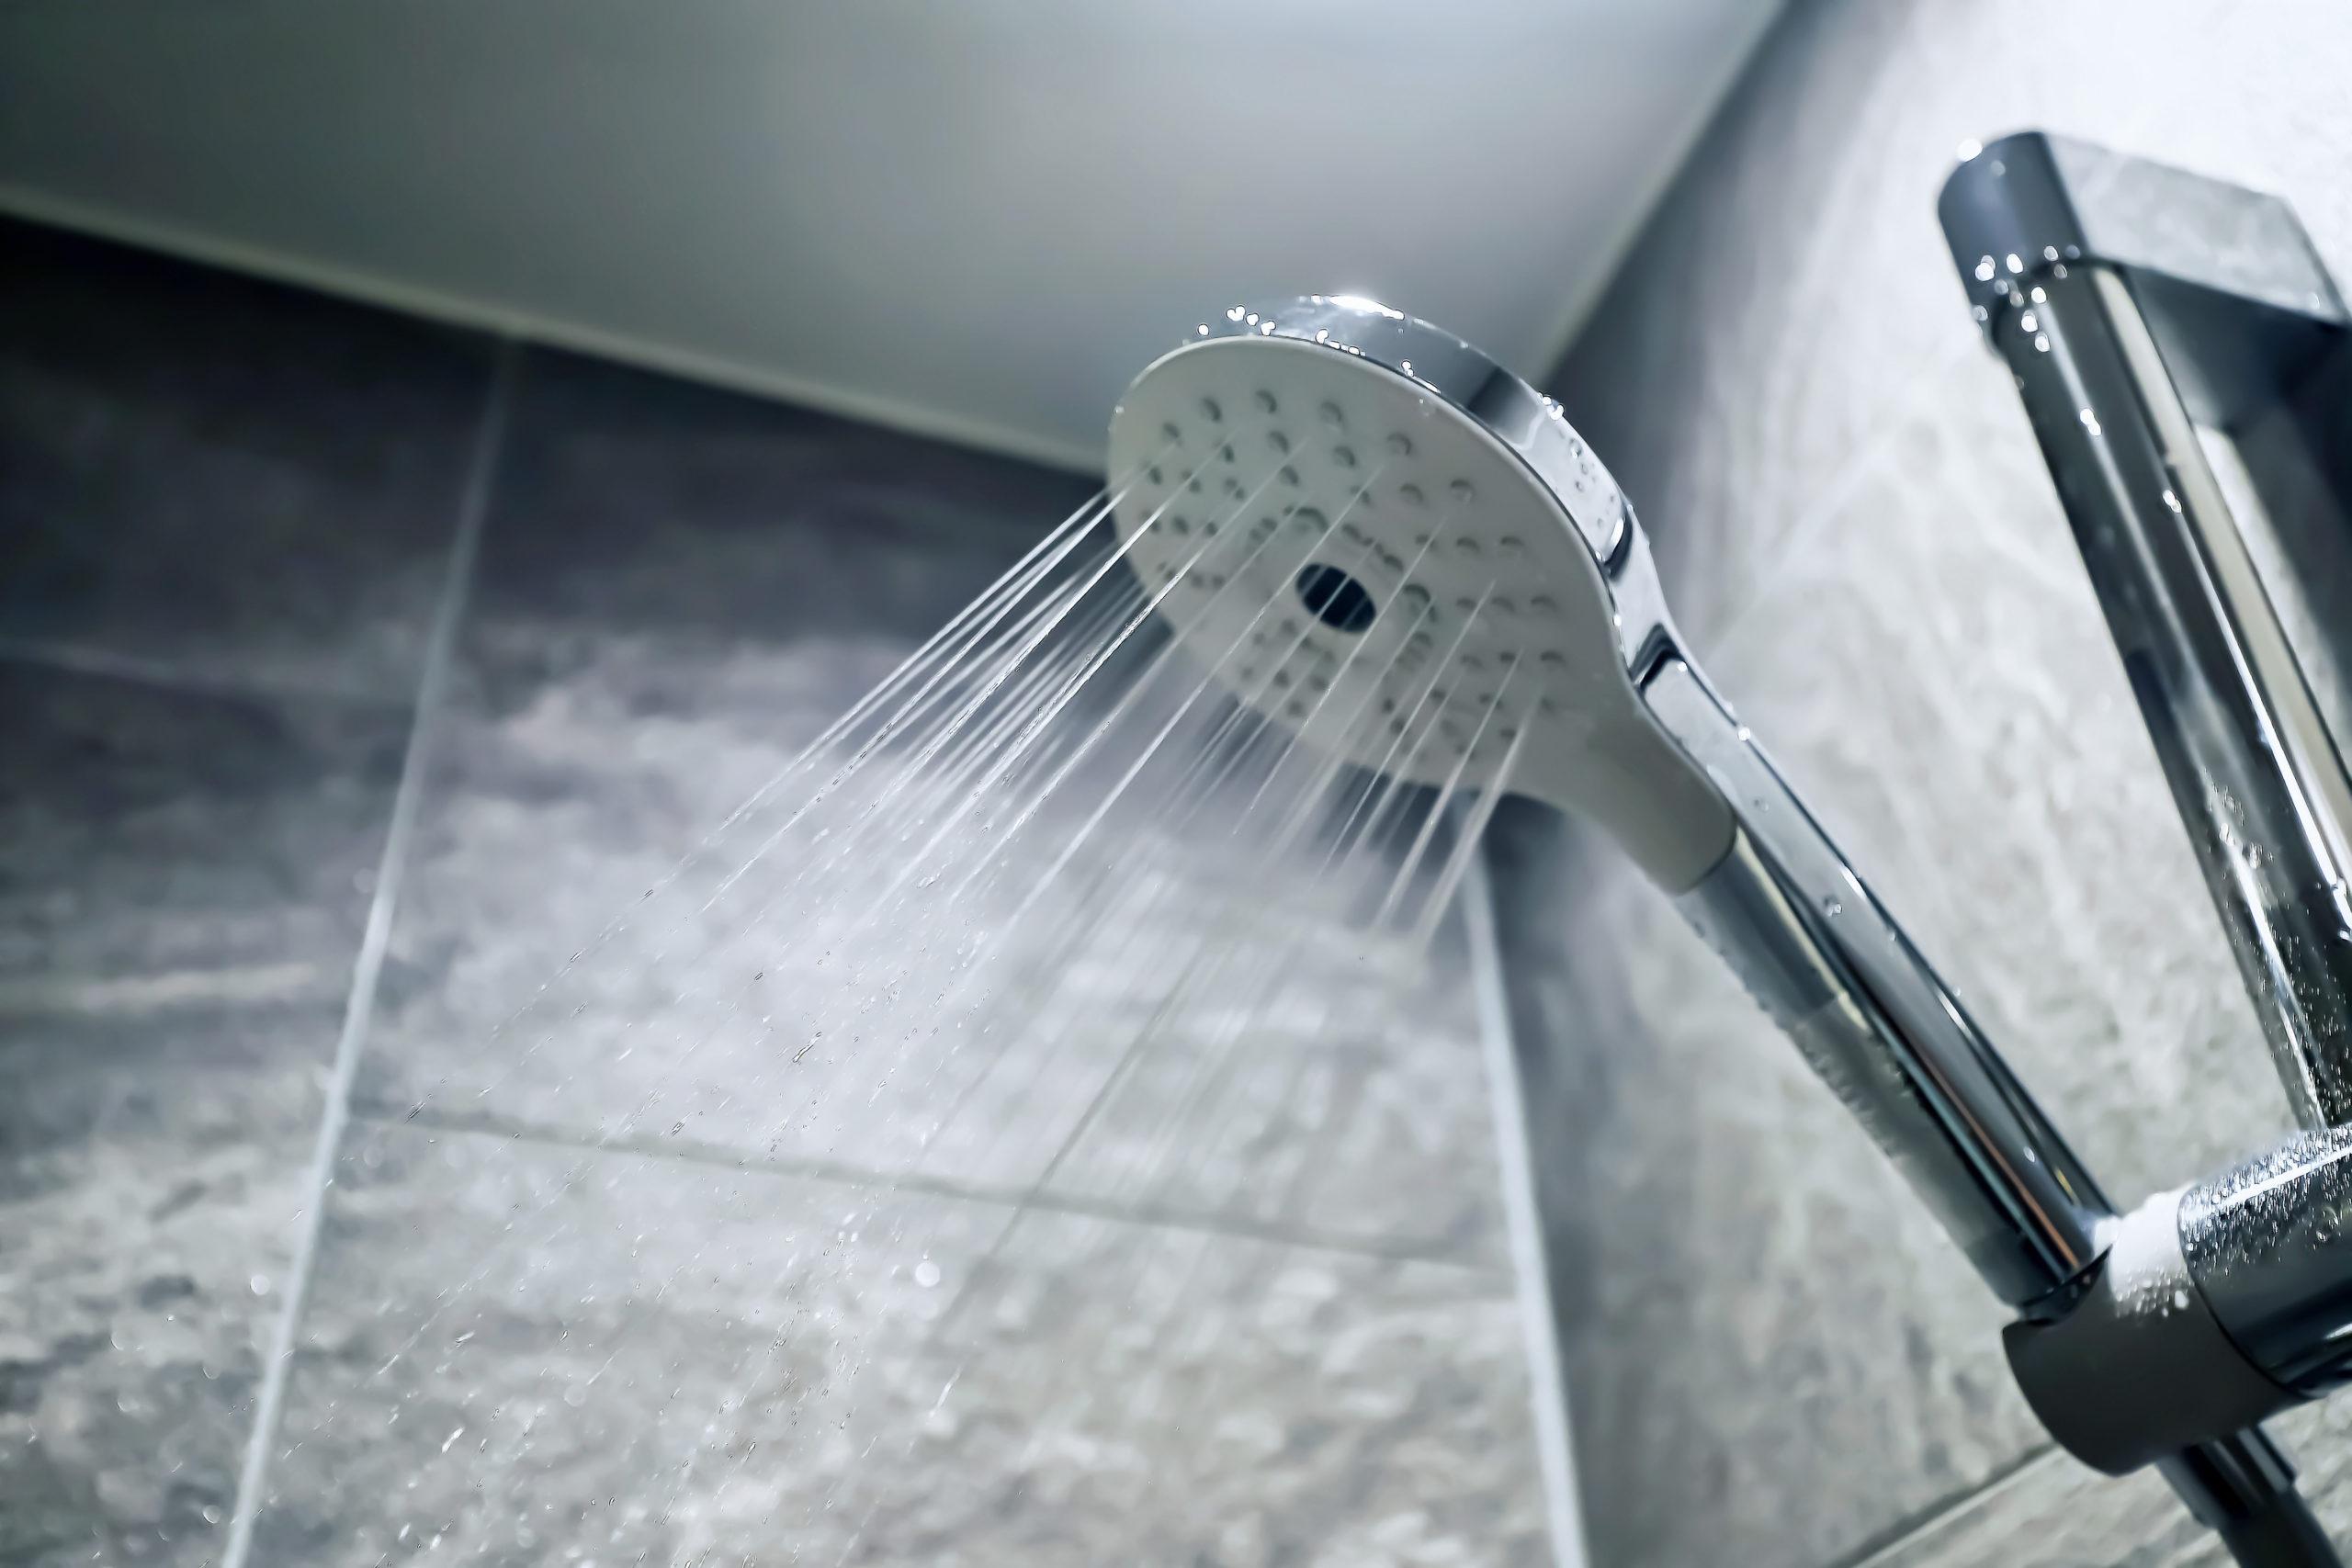 朝と夜の2回シャワーを浴びるとハゲるのか